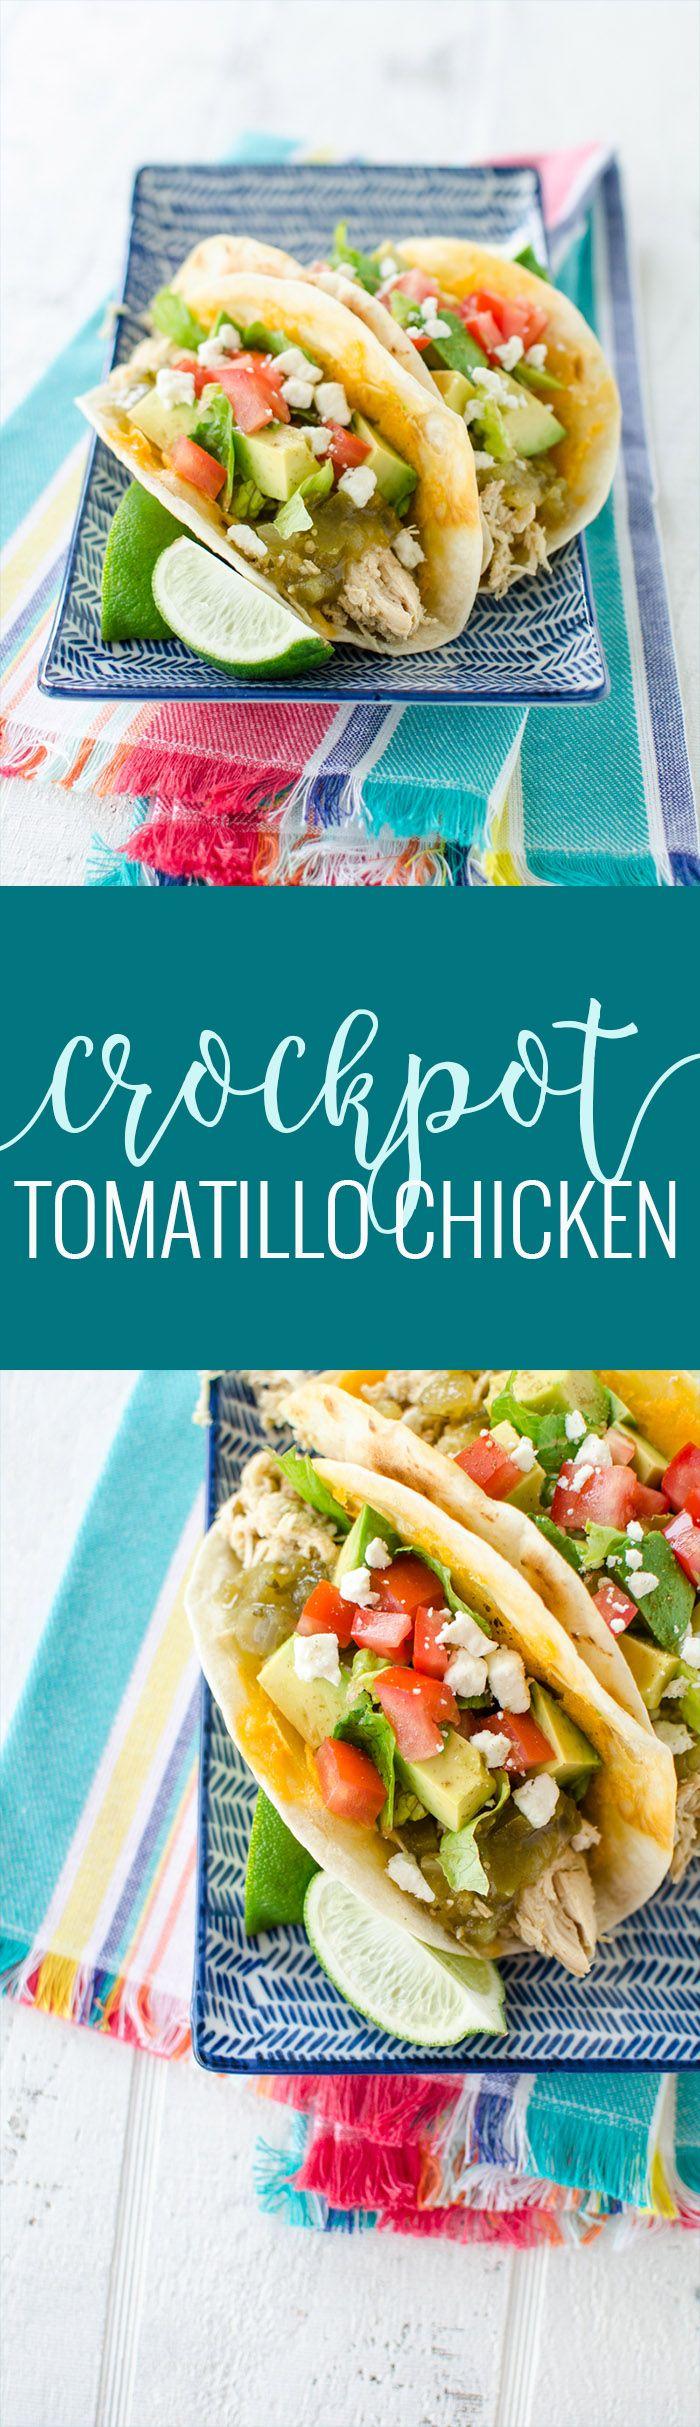 Crockpot Tomatillo Chicken | crockpot dinner recipes | crockpot chicken recipes | easy chicken for tacos | easy taco recipes | crockpot meal ideas | crockpot dinner recipes | slow cooker chicken recipes | tomatillo flavored recipes || Oh So Delicioso